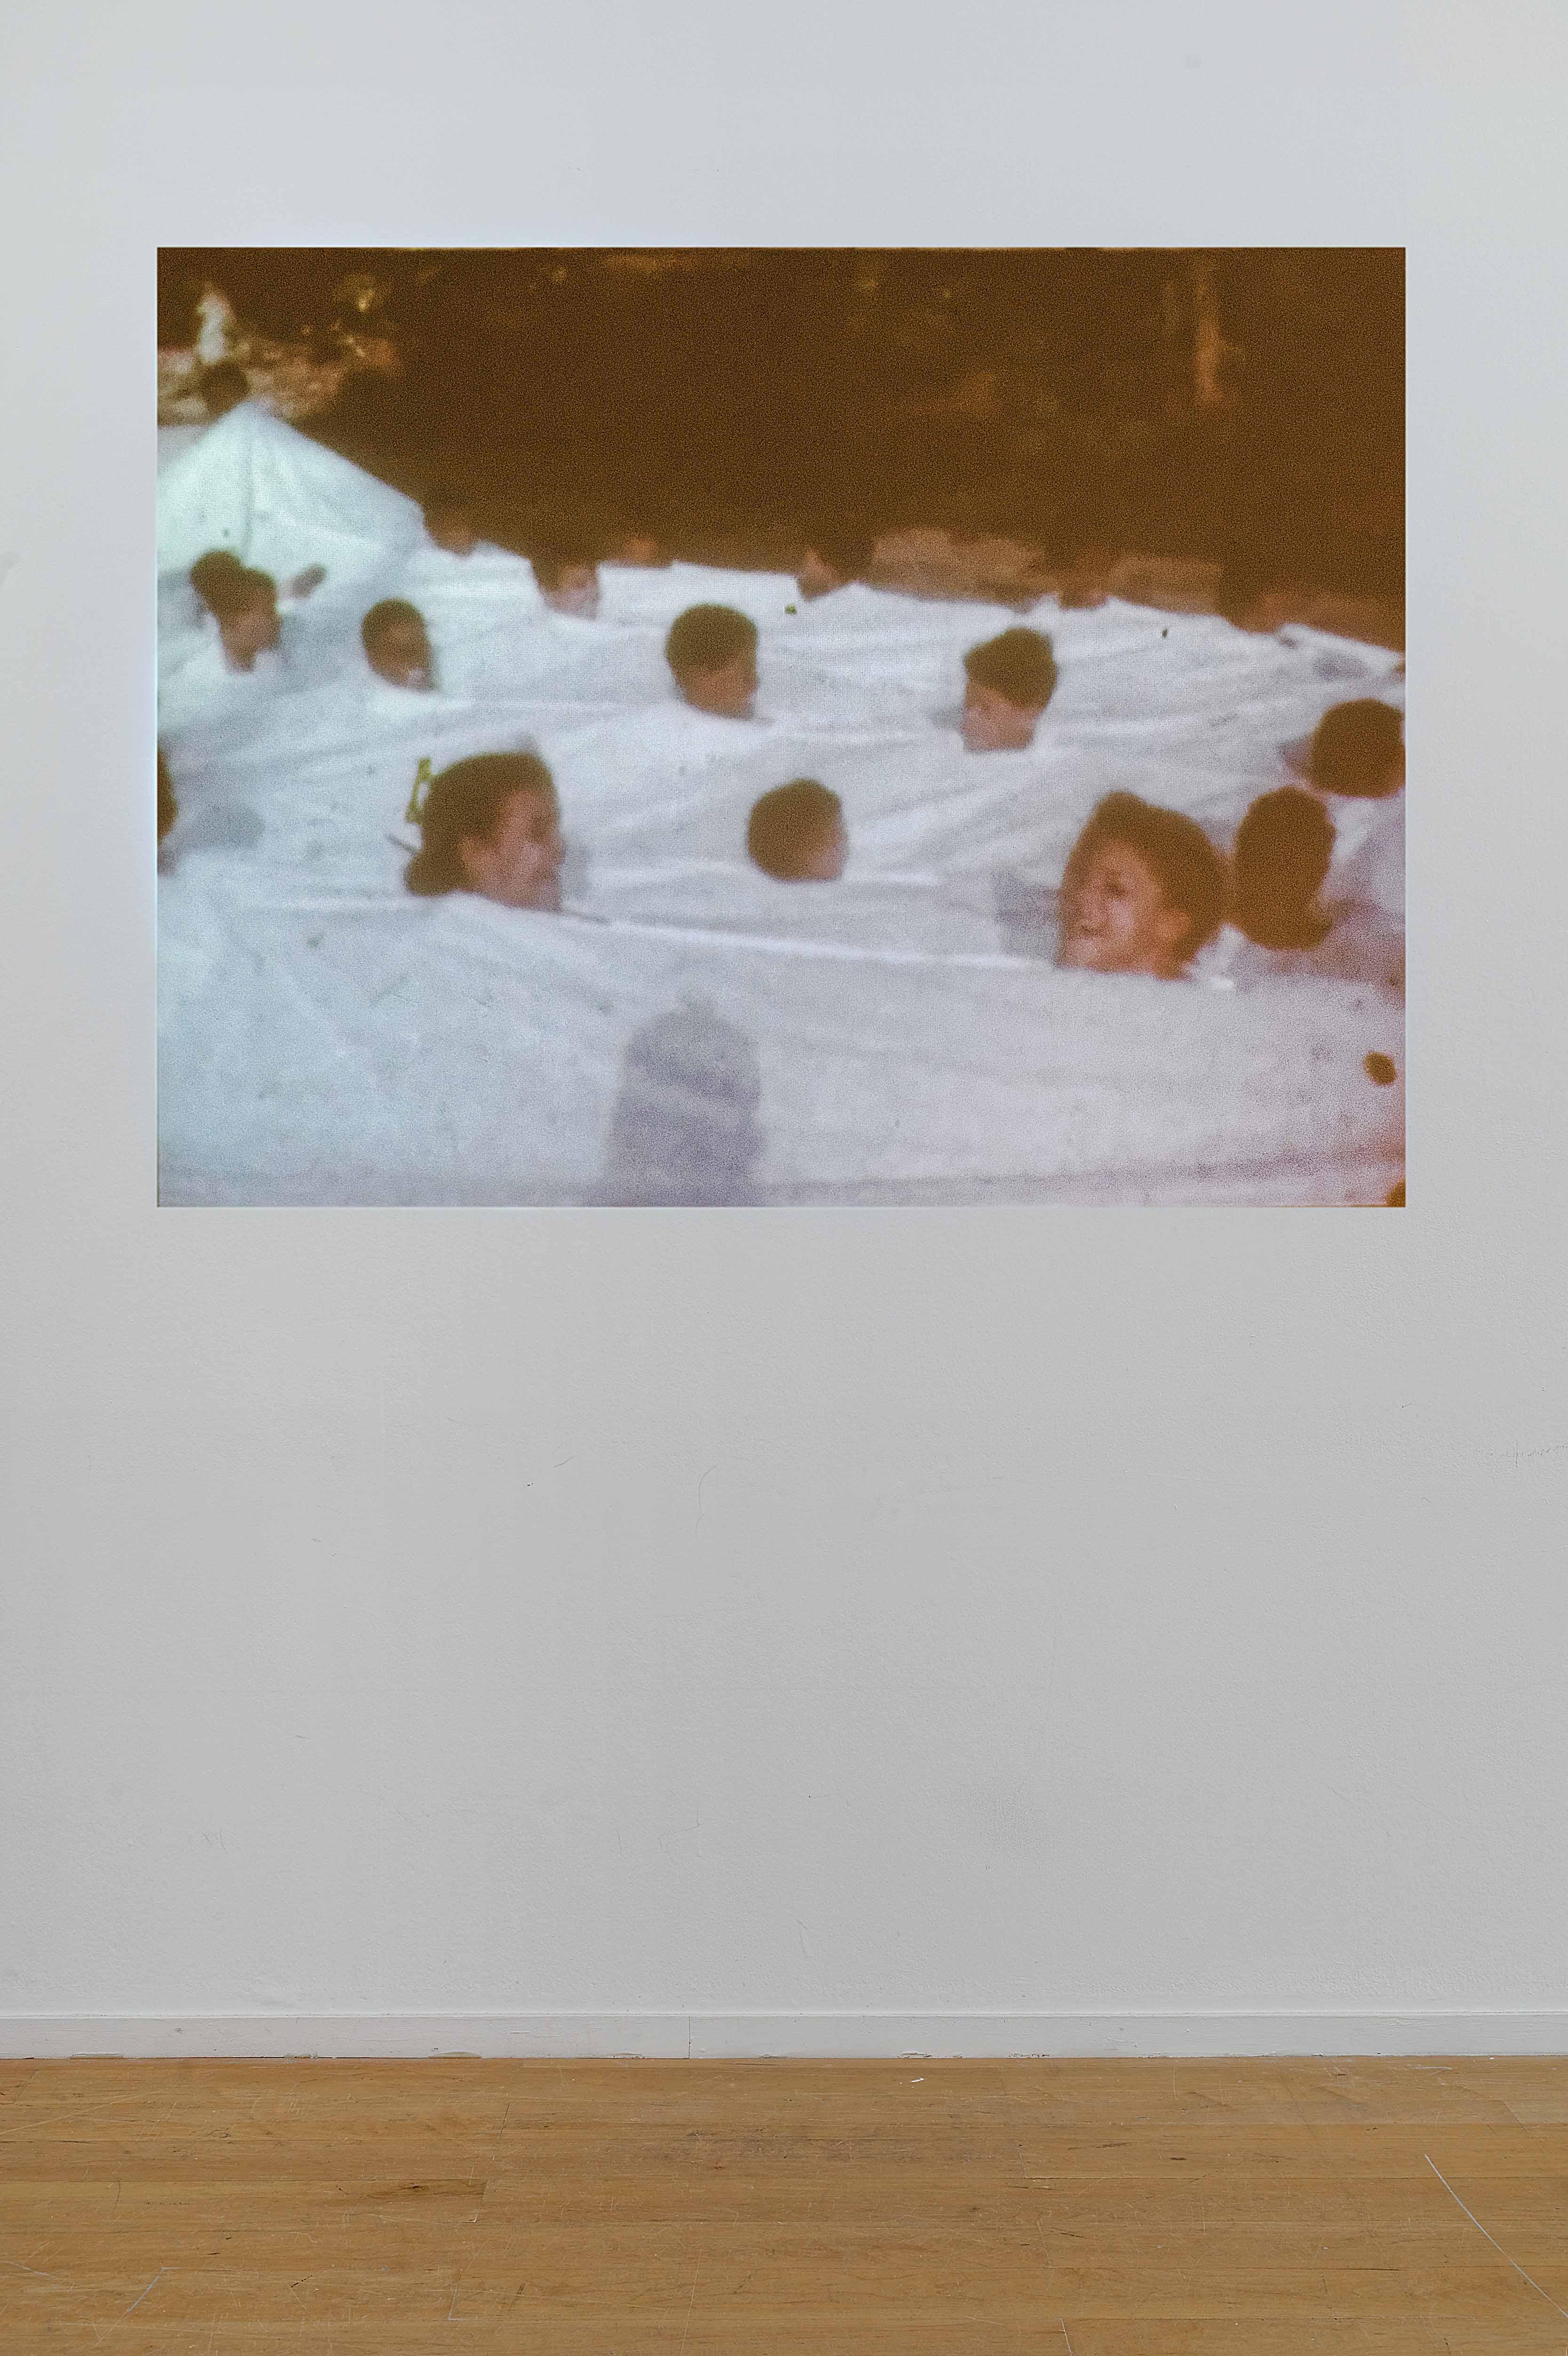 PAPE Lygia - Divisor - 1969-2017 - Courtesy de l'artiste, de la Biennale Lyon 2017 avec le soutien de l ambassade du Bresil © Blaise Adilon